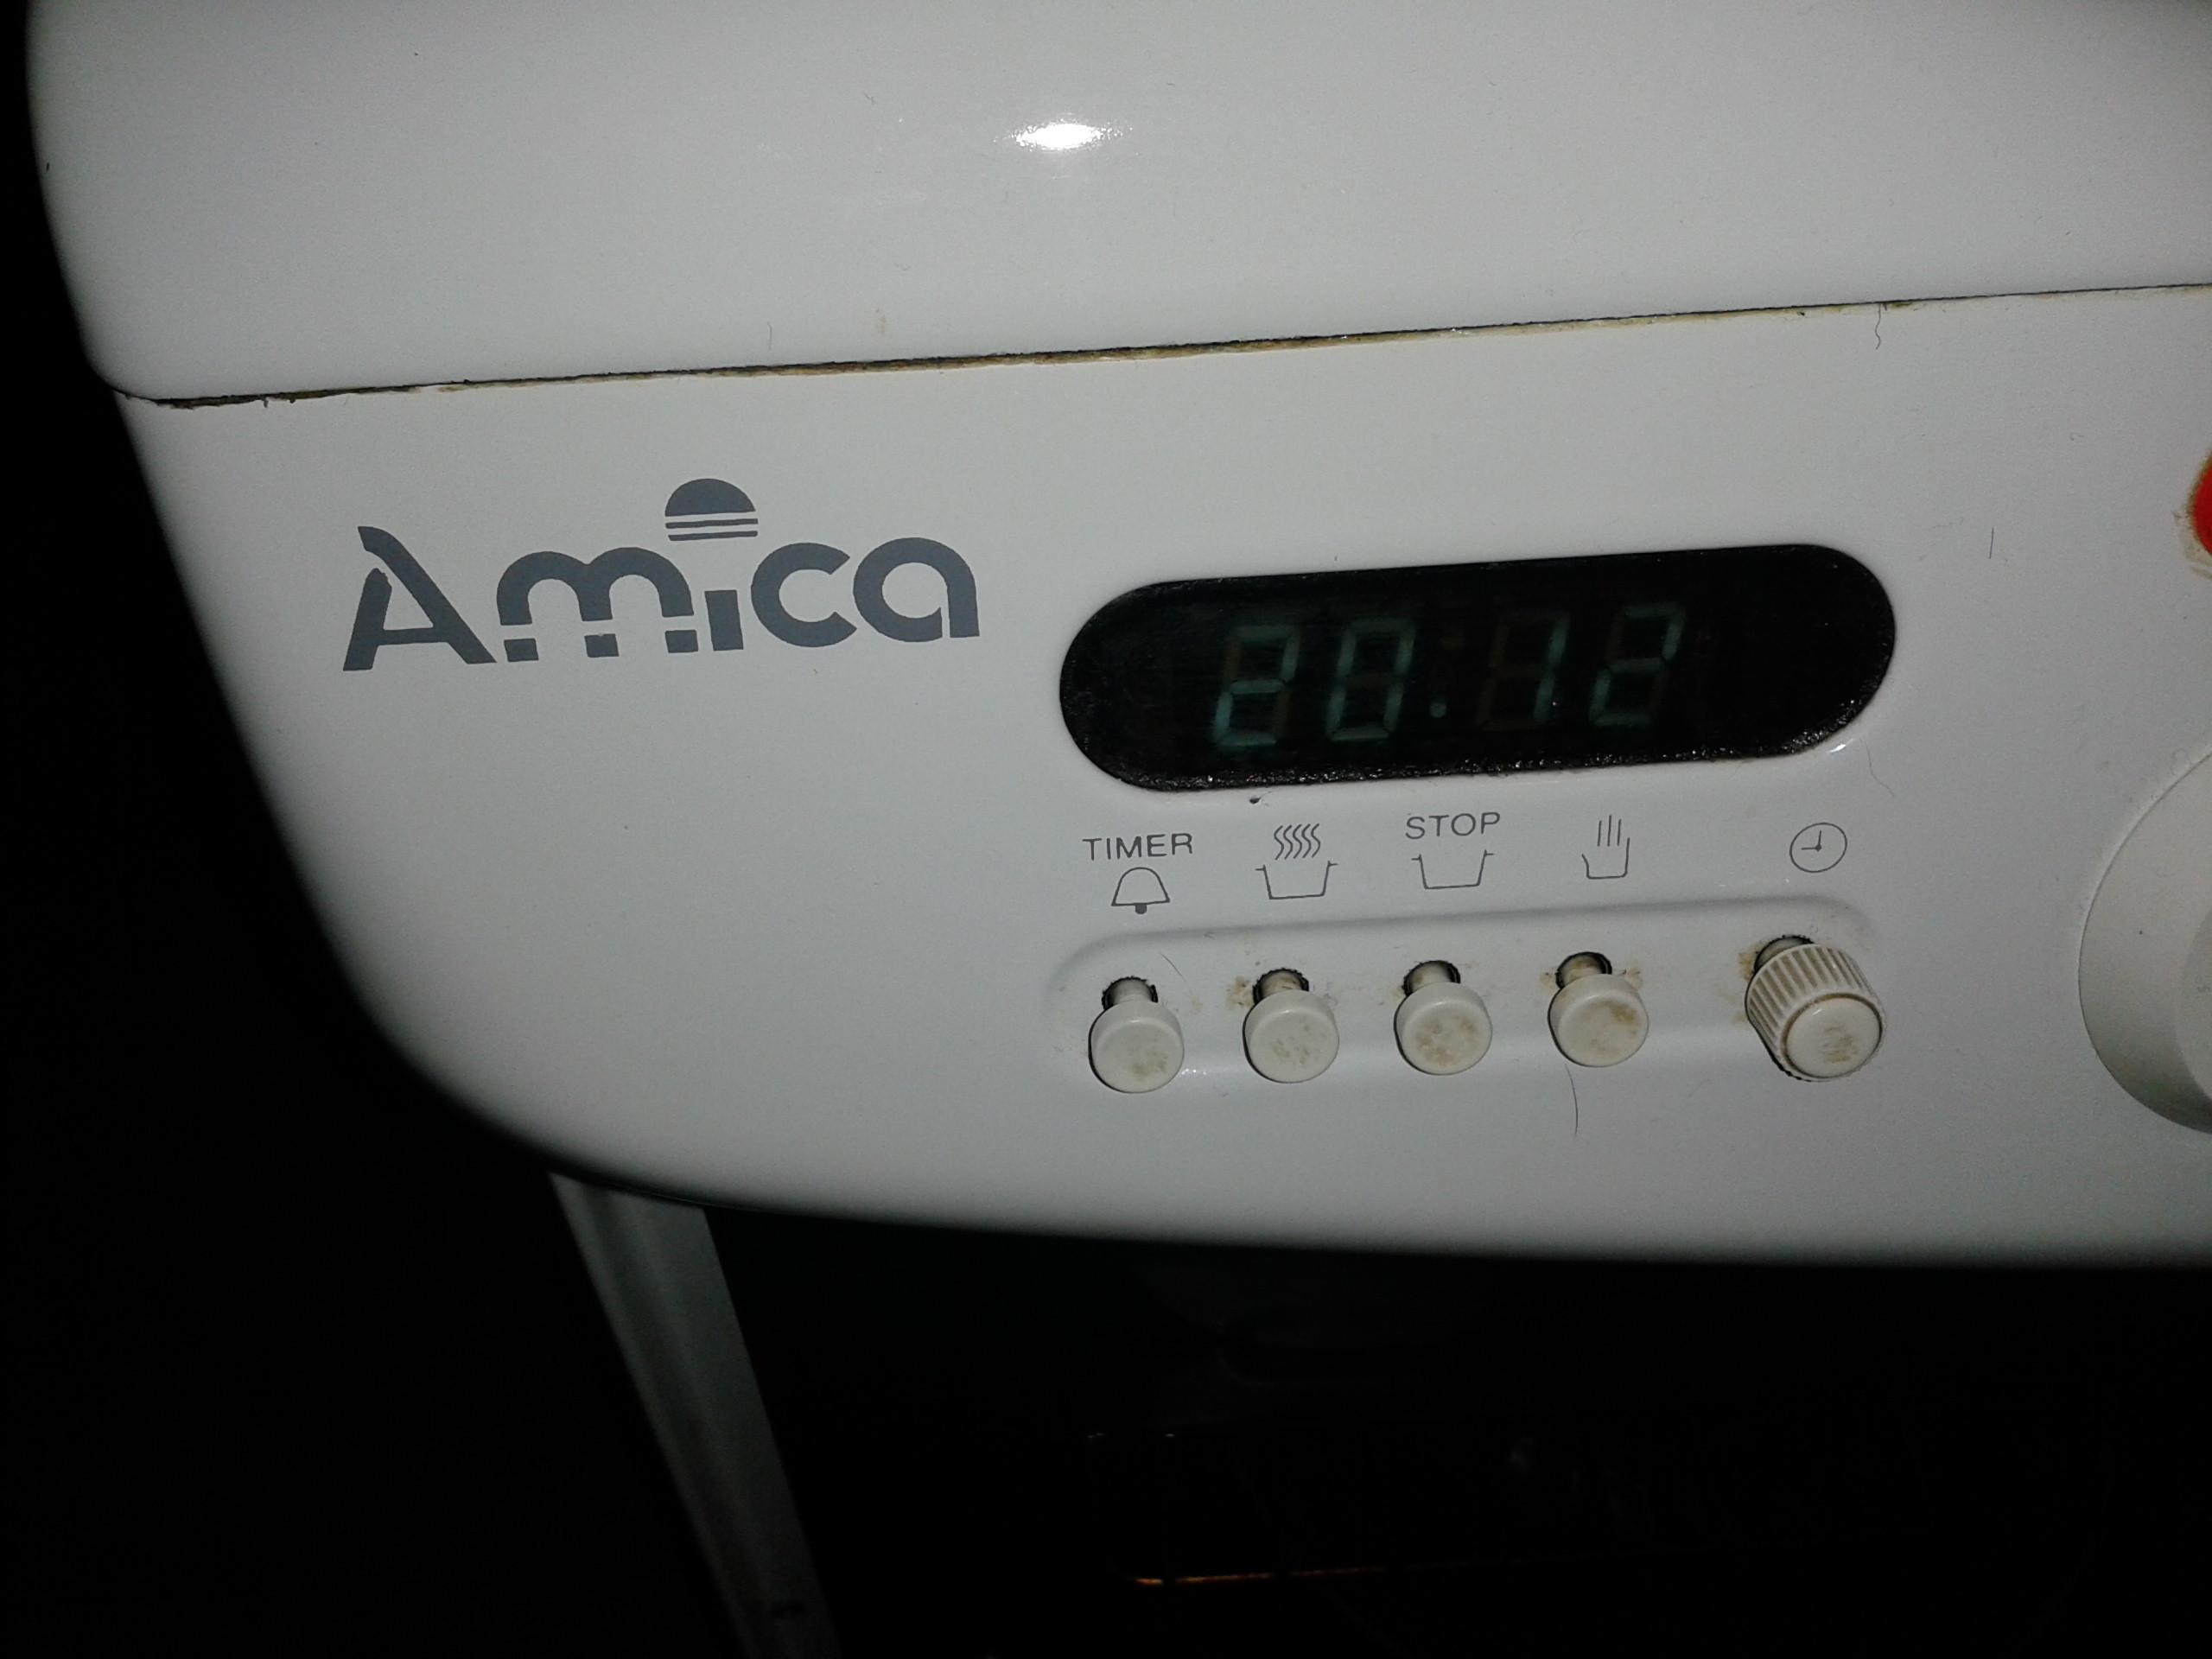 Kuchenka Amica  zapytanie o model  elektroda pl -> Amica Kuchnia Wygląda Lepiej